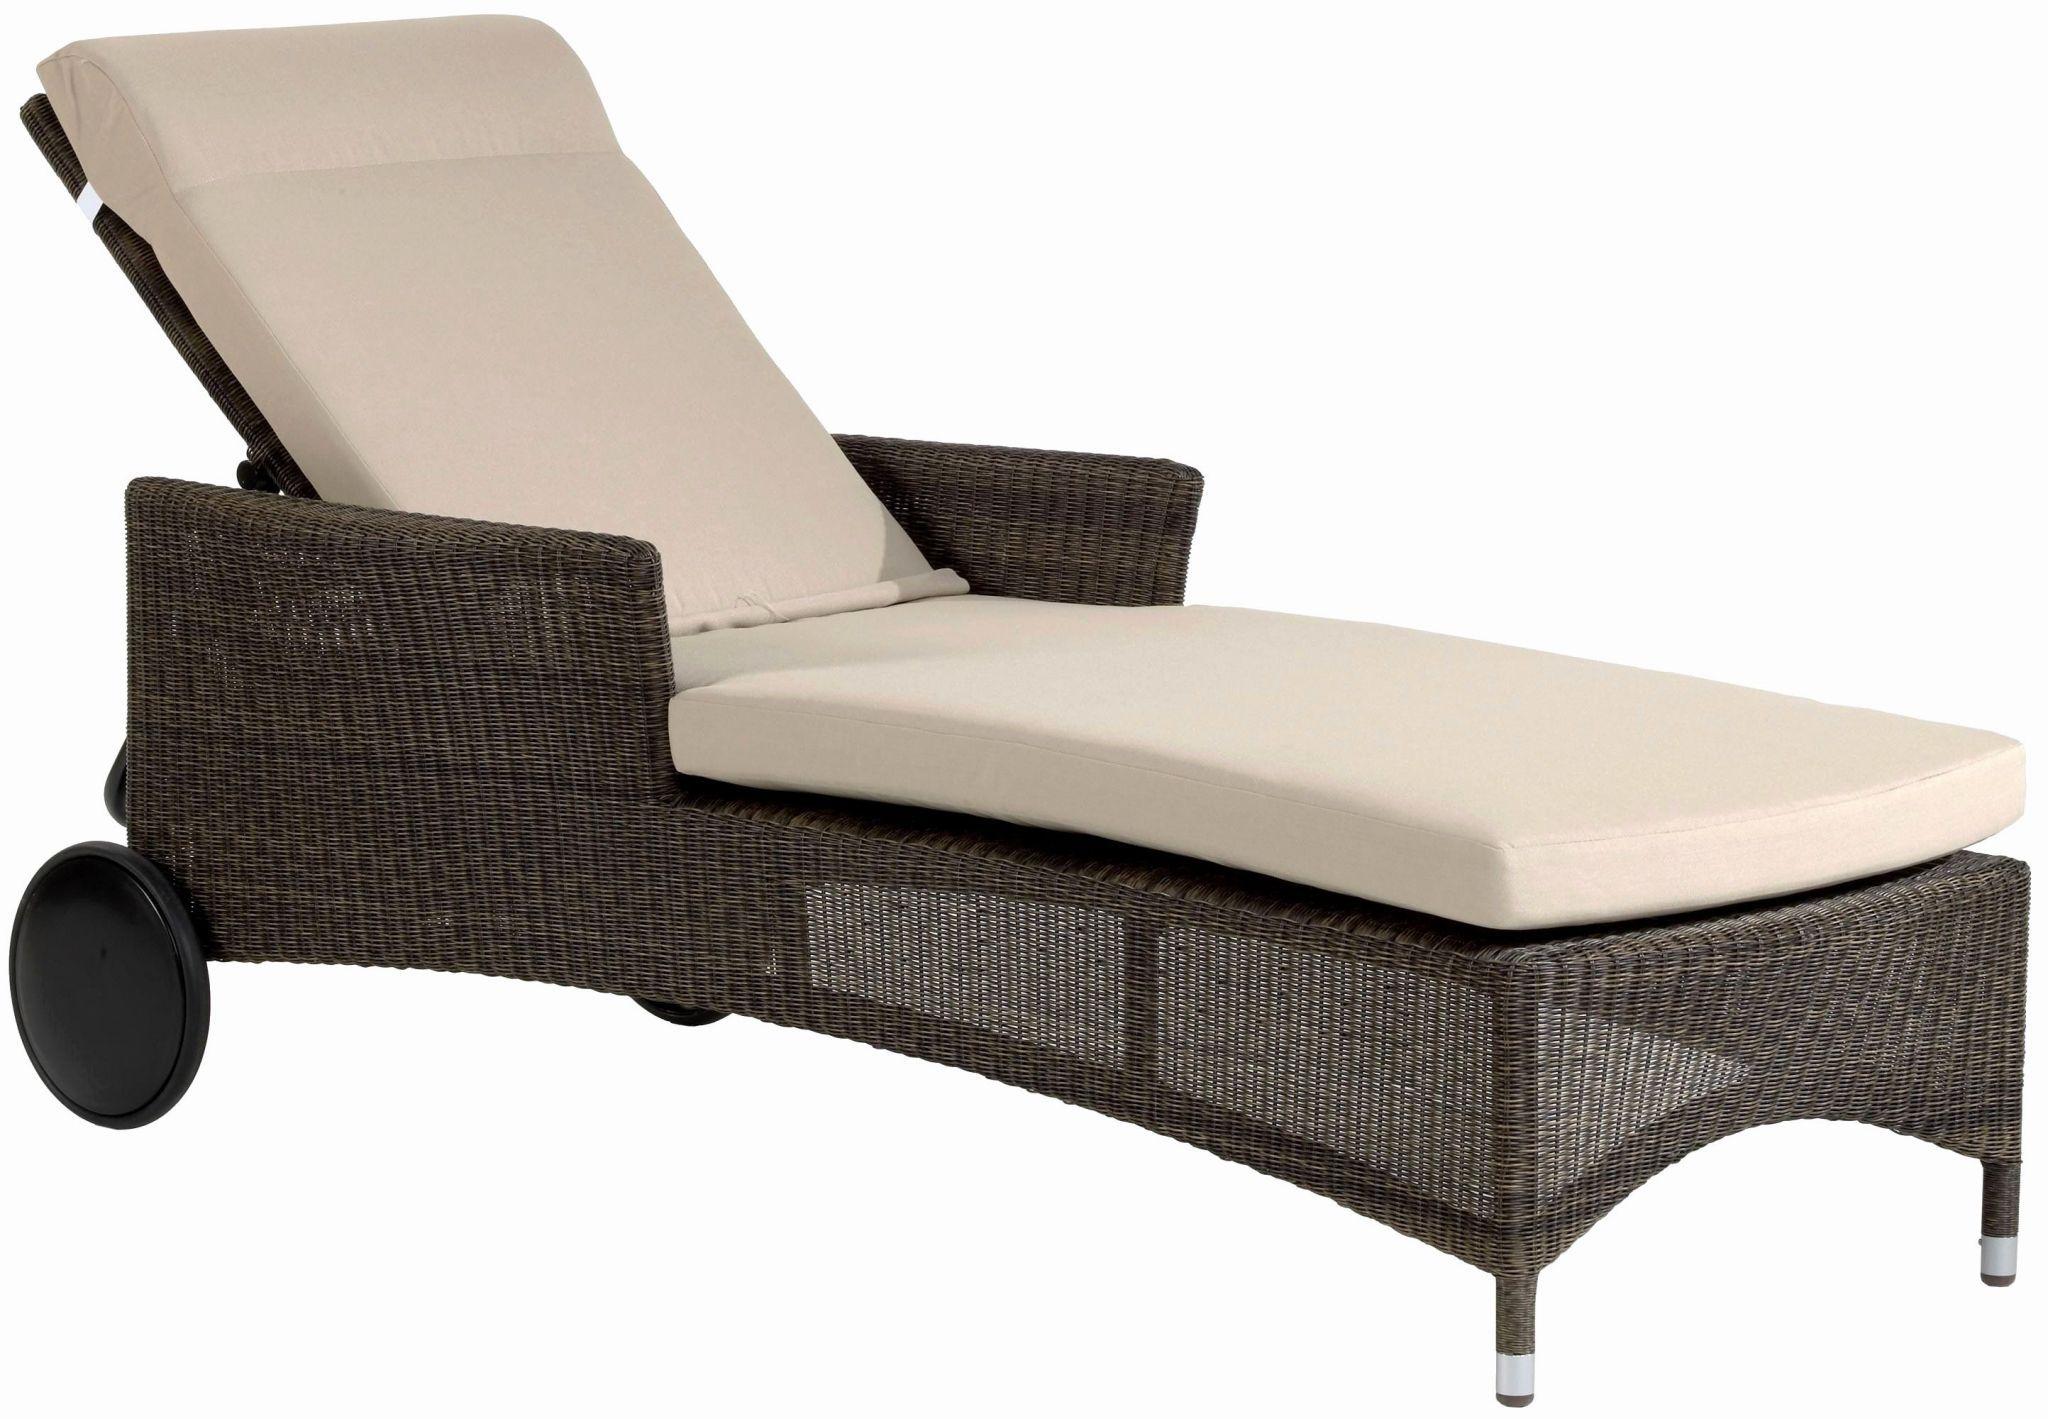 Table Et Chaise De Jardin Plastique Impressionnant Salon De ... concernant Table De Jardin Extensible Pas Cher